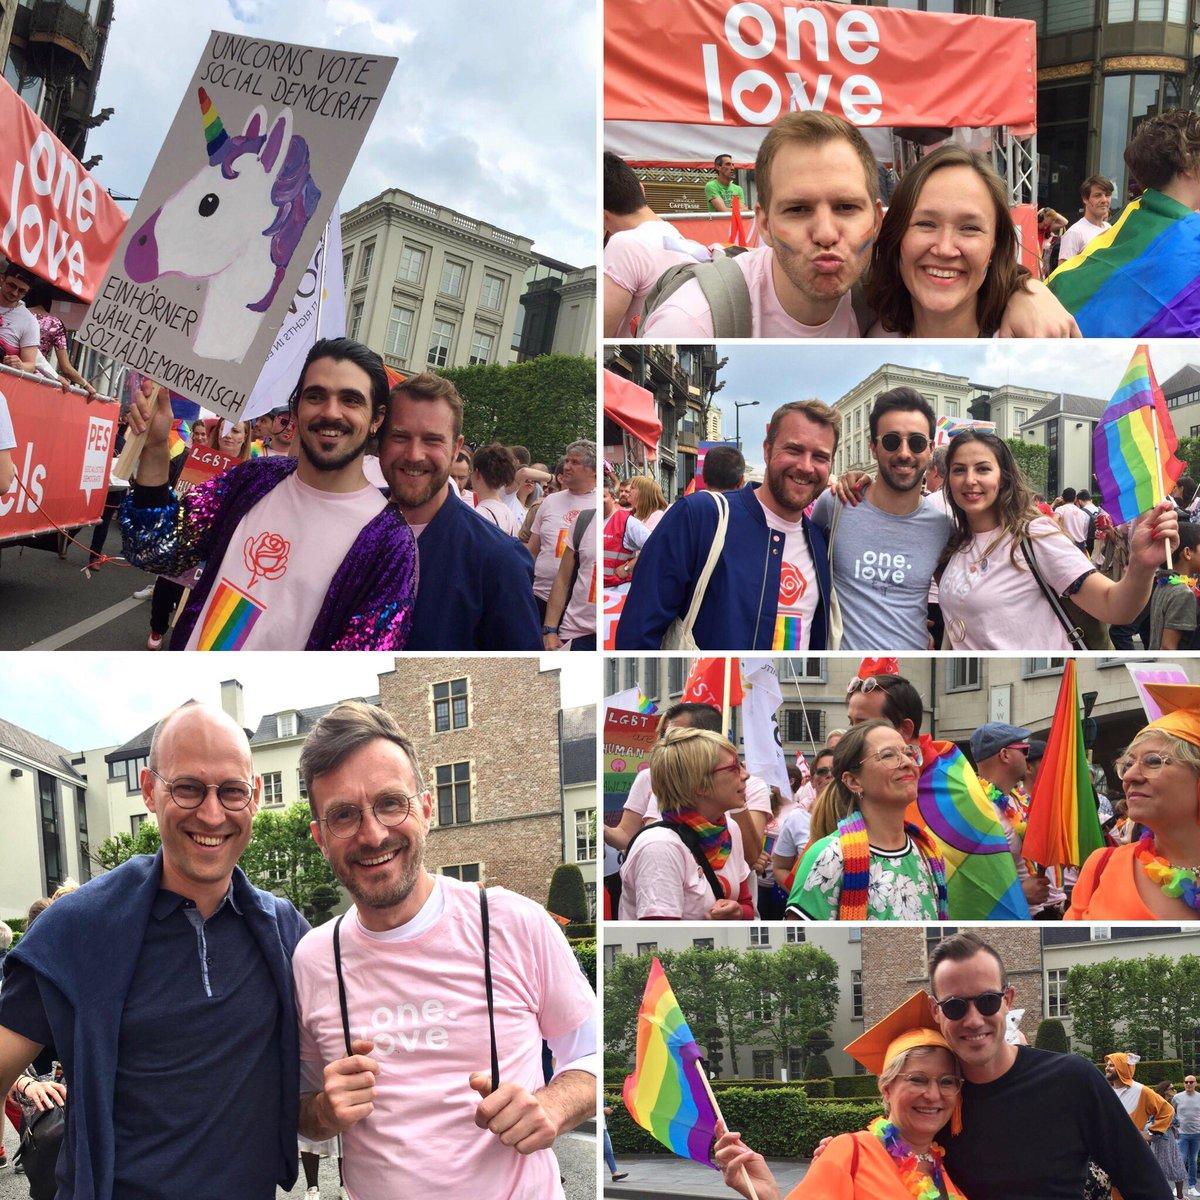 De strijd om liefde voeren we samen. #AllforLove #BelgianPride